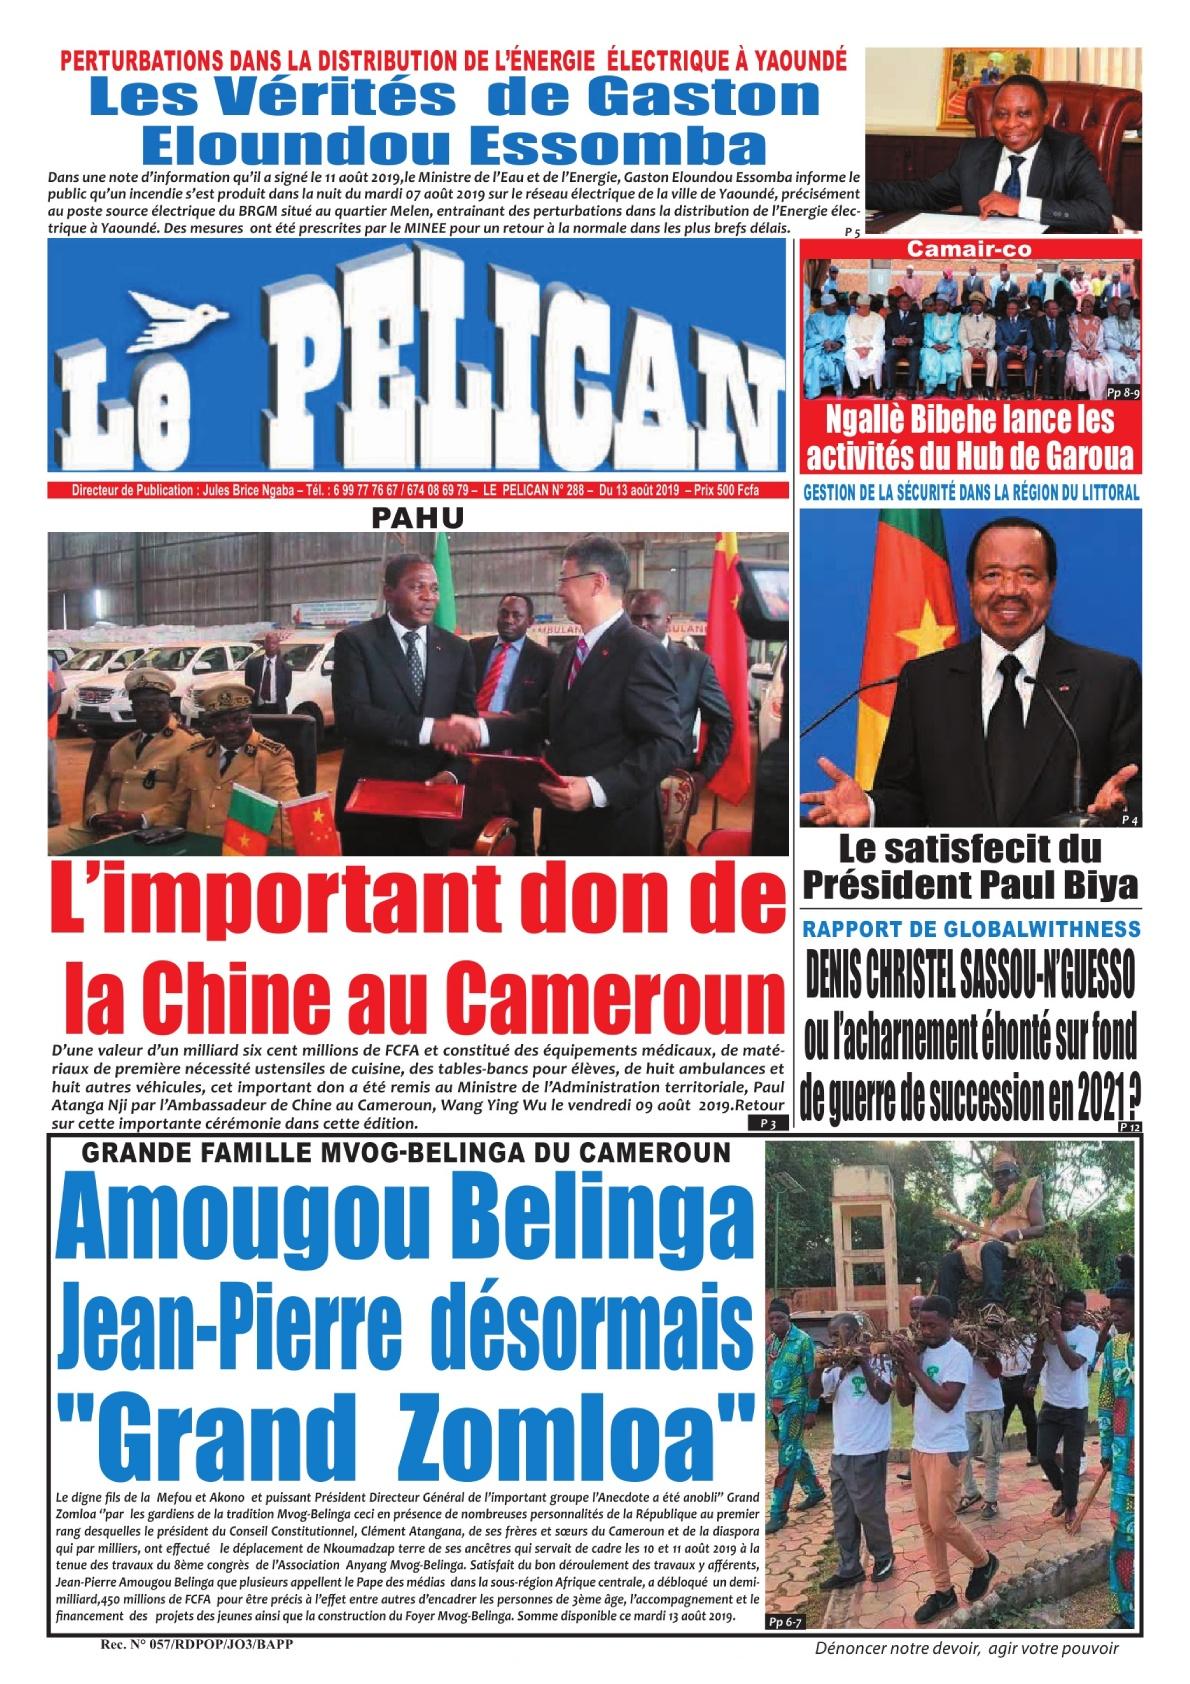 LE PELICAN - 13/08/2019